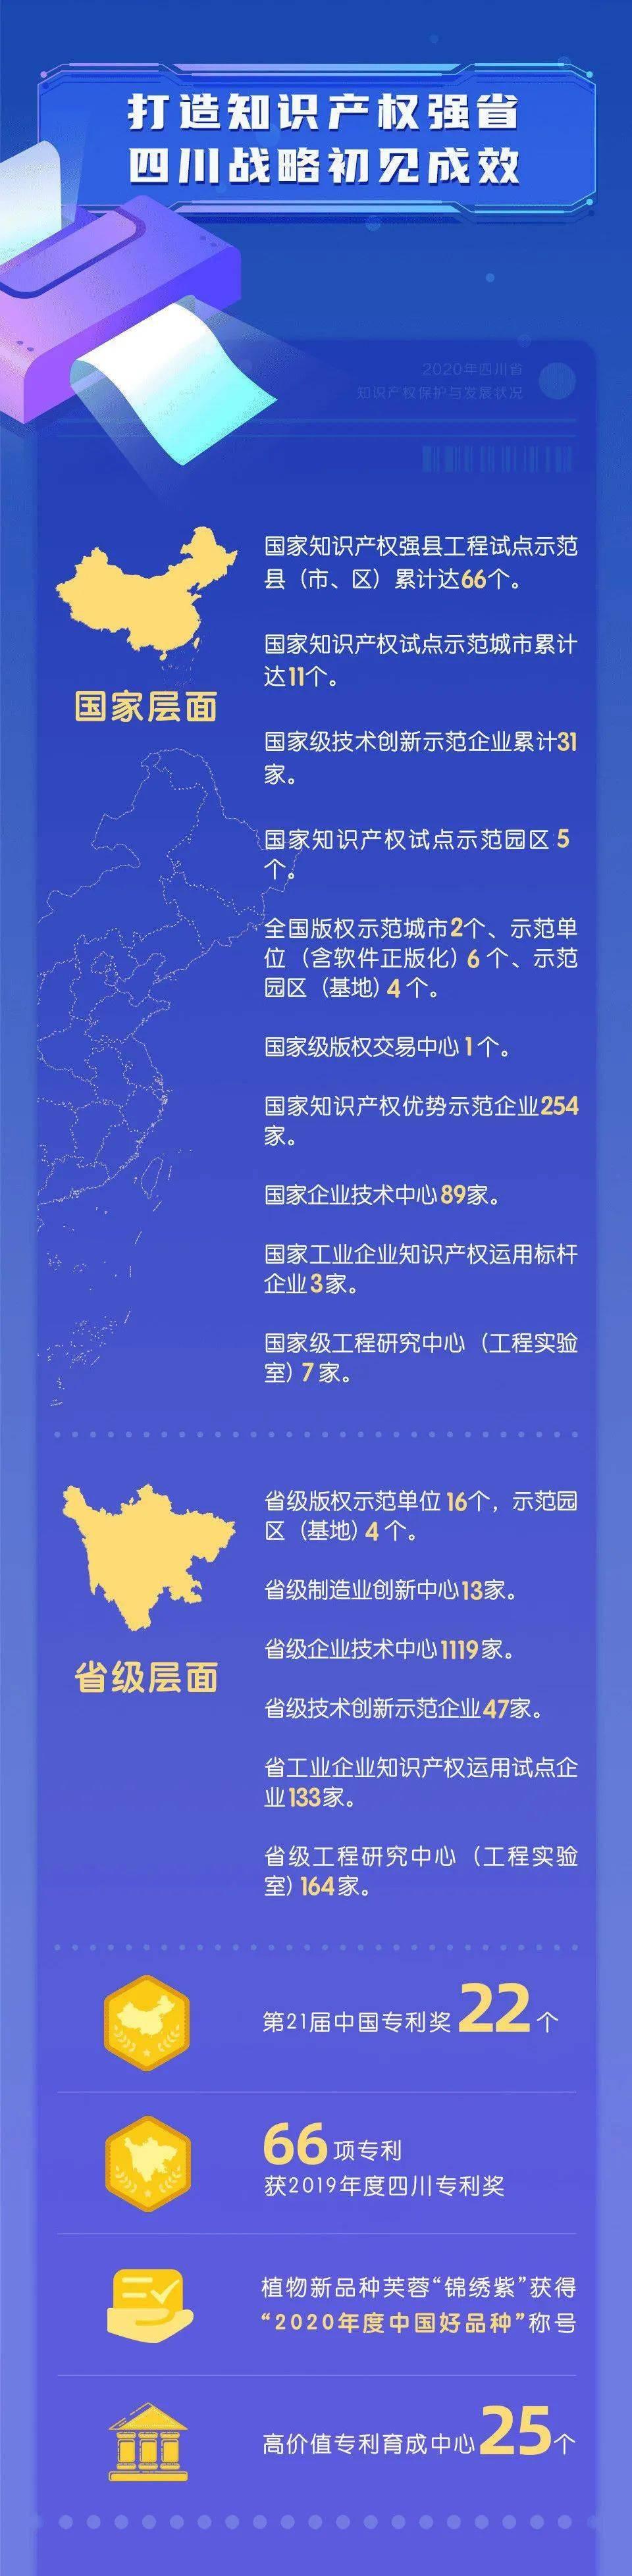 一图读懂《2020年四川省知识产权保护与发展状况》,为四川这些成绩打call!